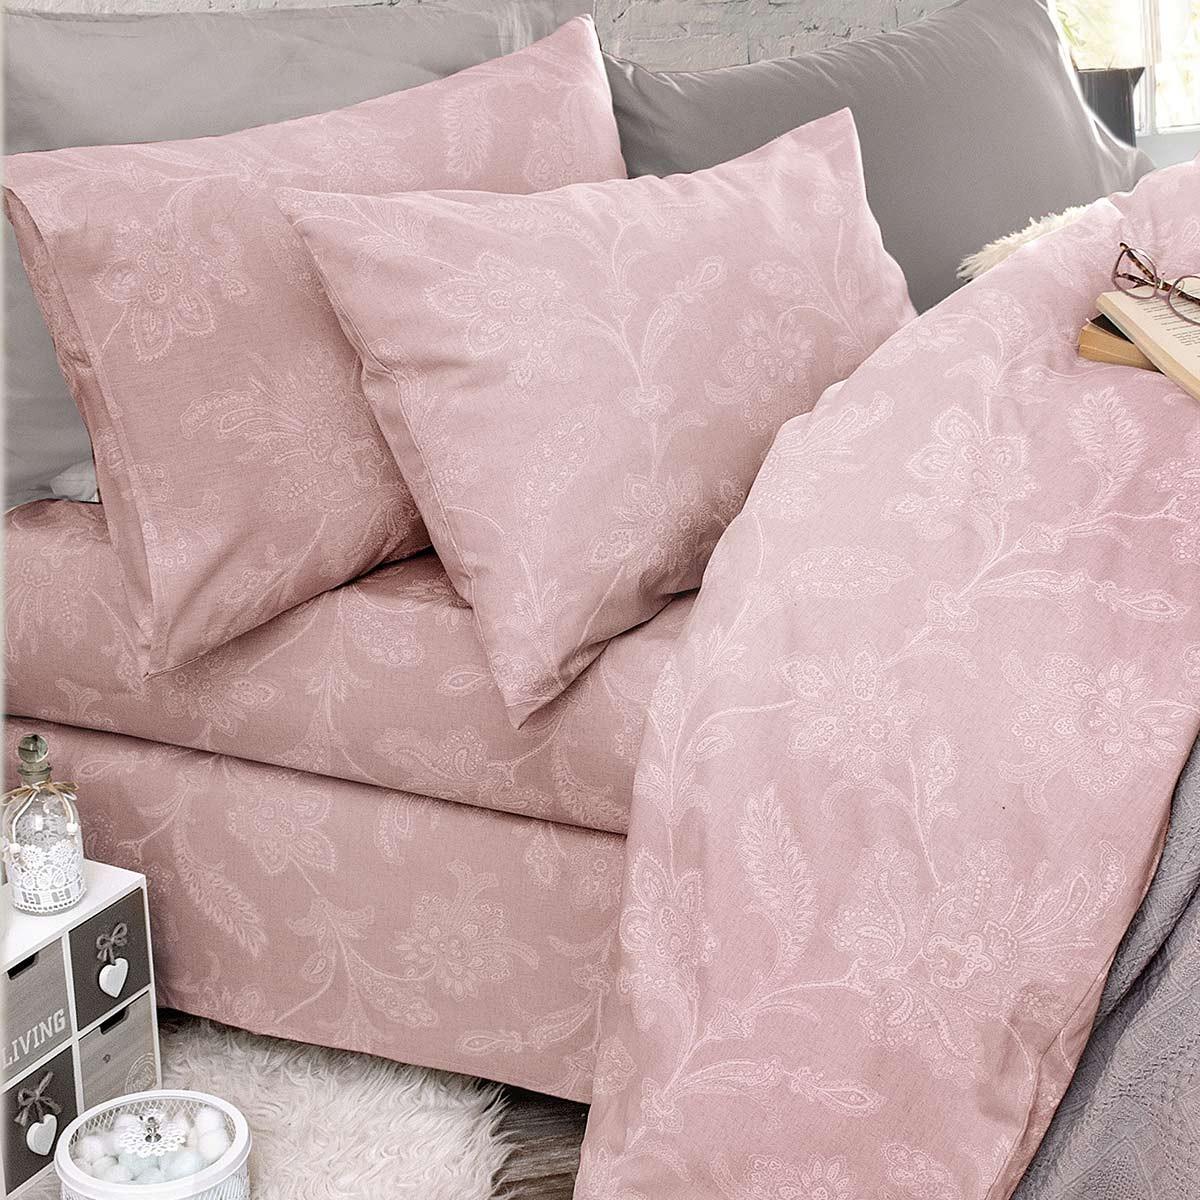 Κουβερλί Μονό (Σετ) Rythmos Nova Celestial Pink